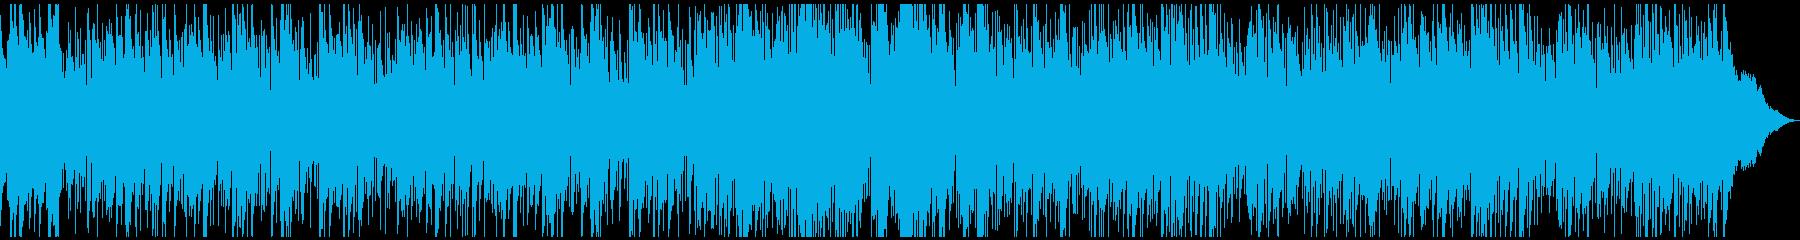 生演奏・正月定番曲「一月一日」ボサノバの再生済みの波形